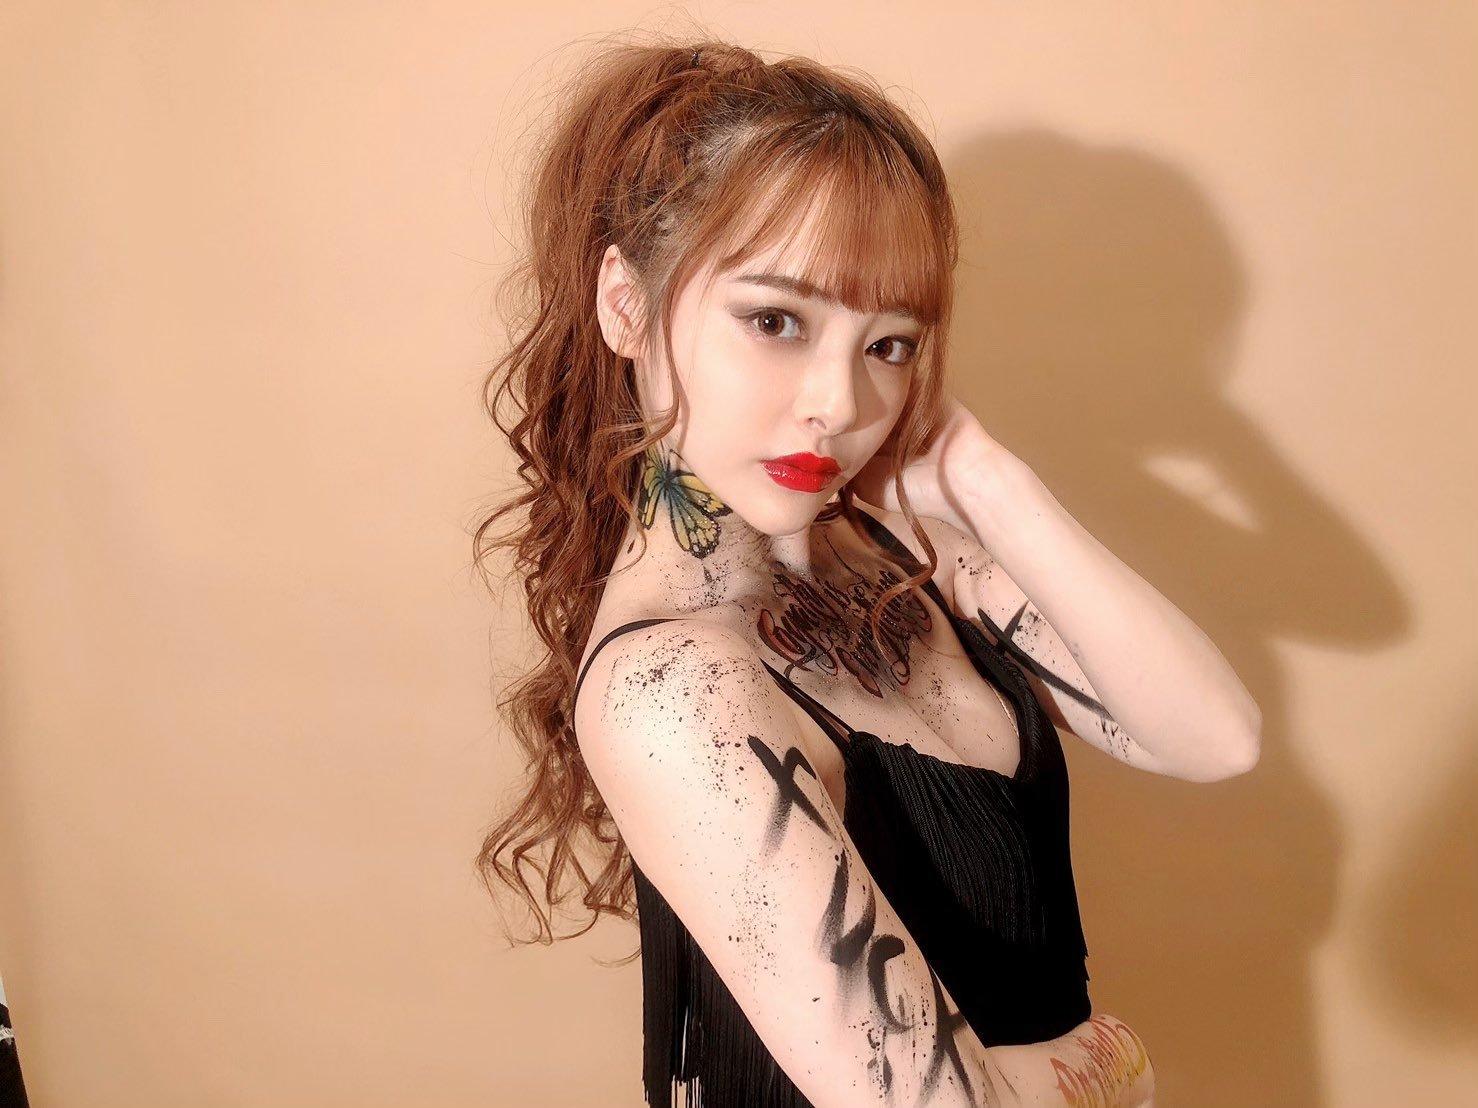 ogu_yuna 1255123548474970112_p0